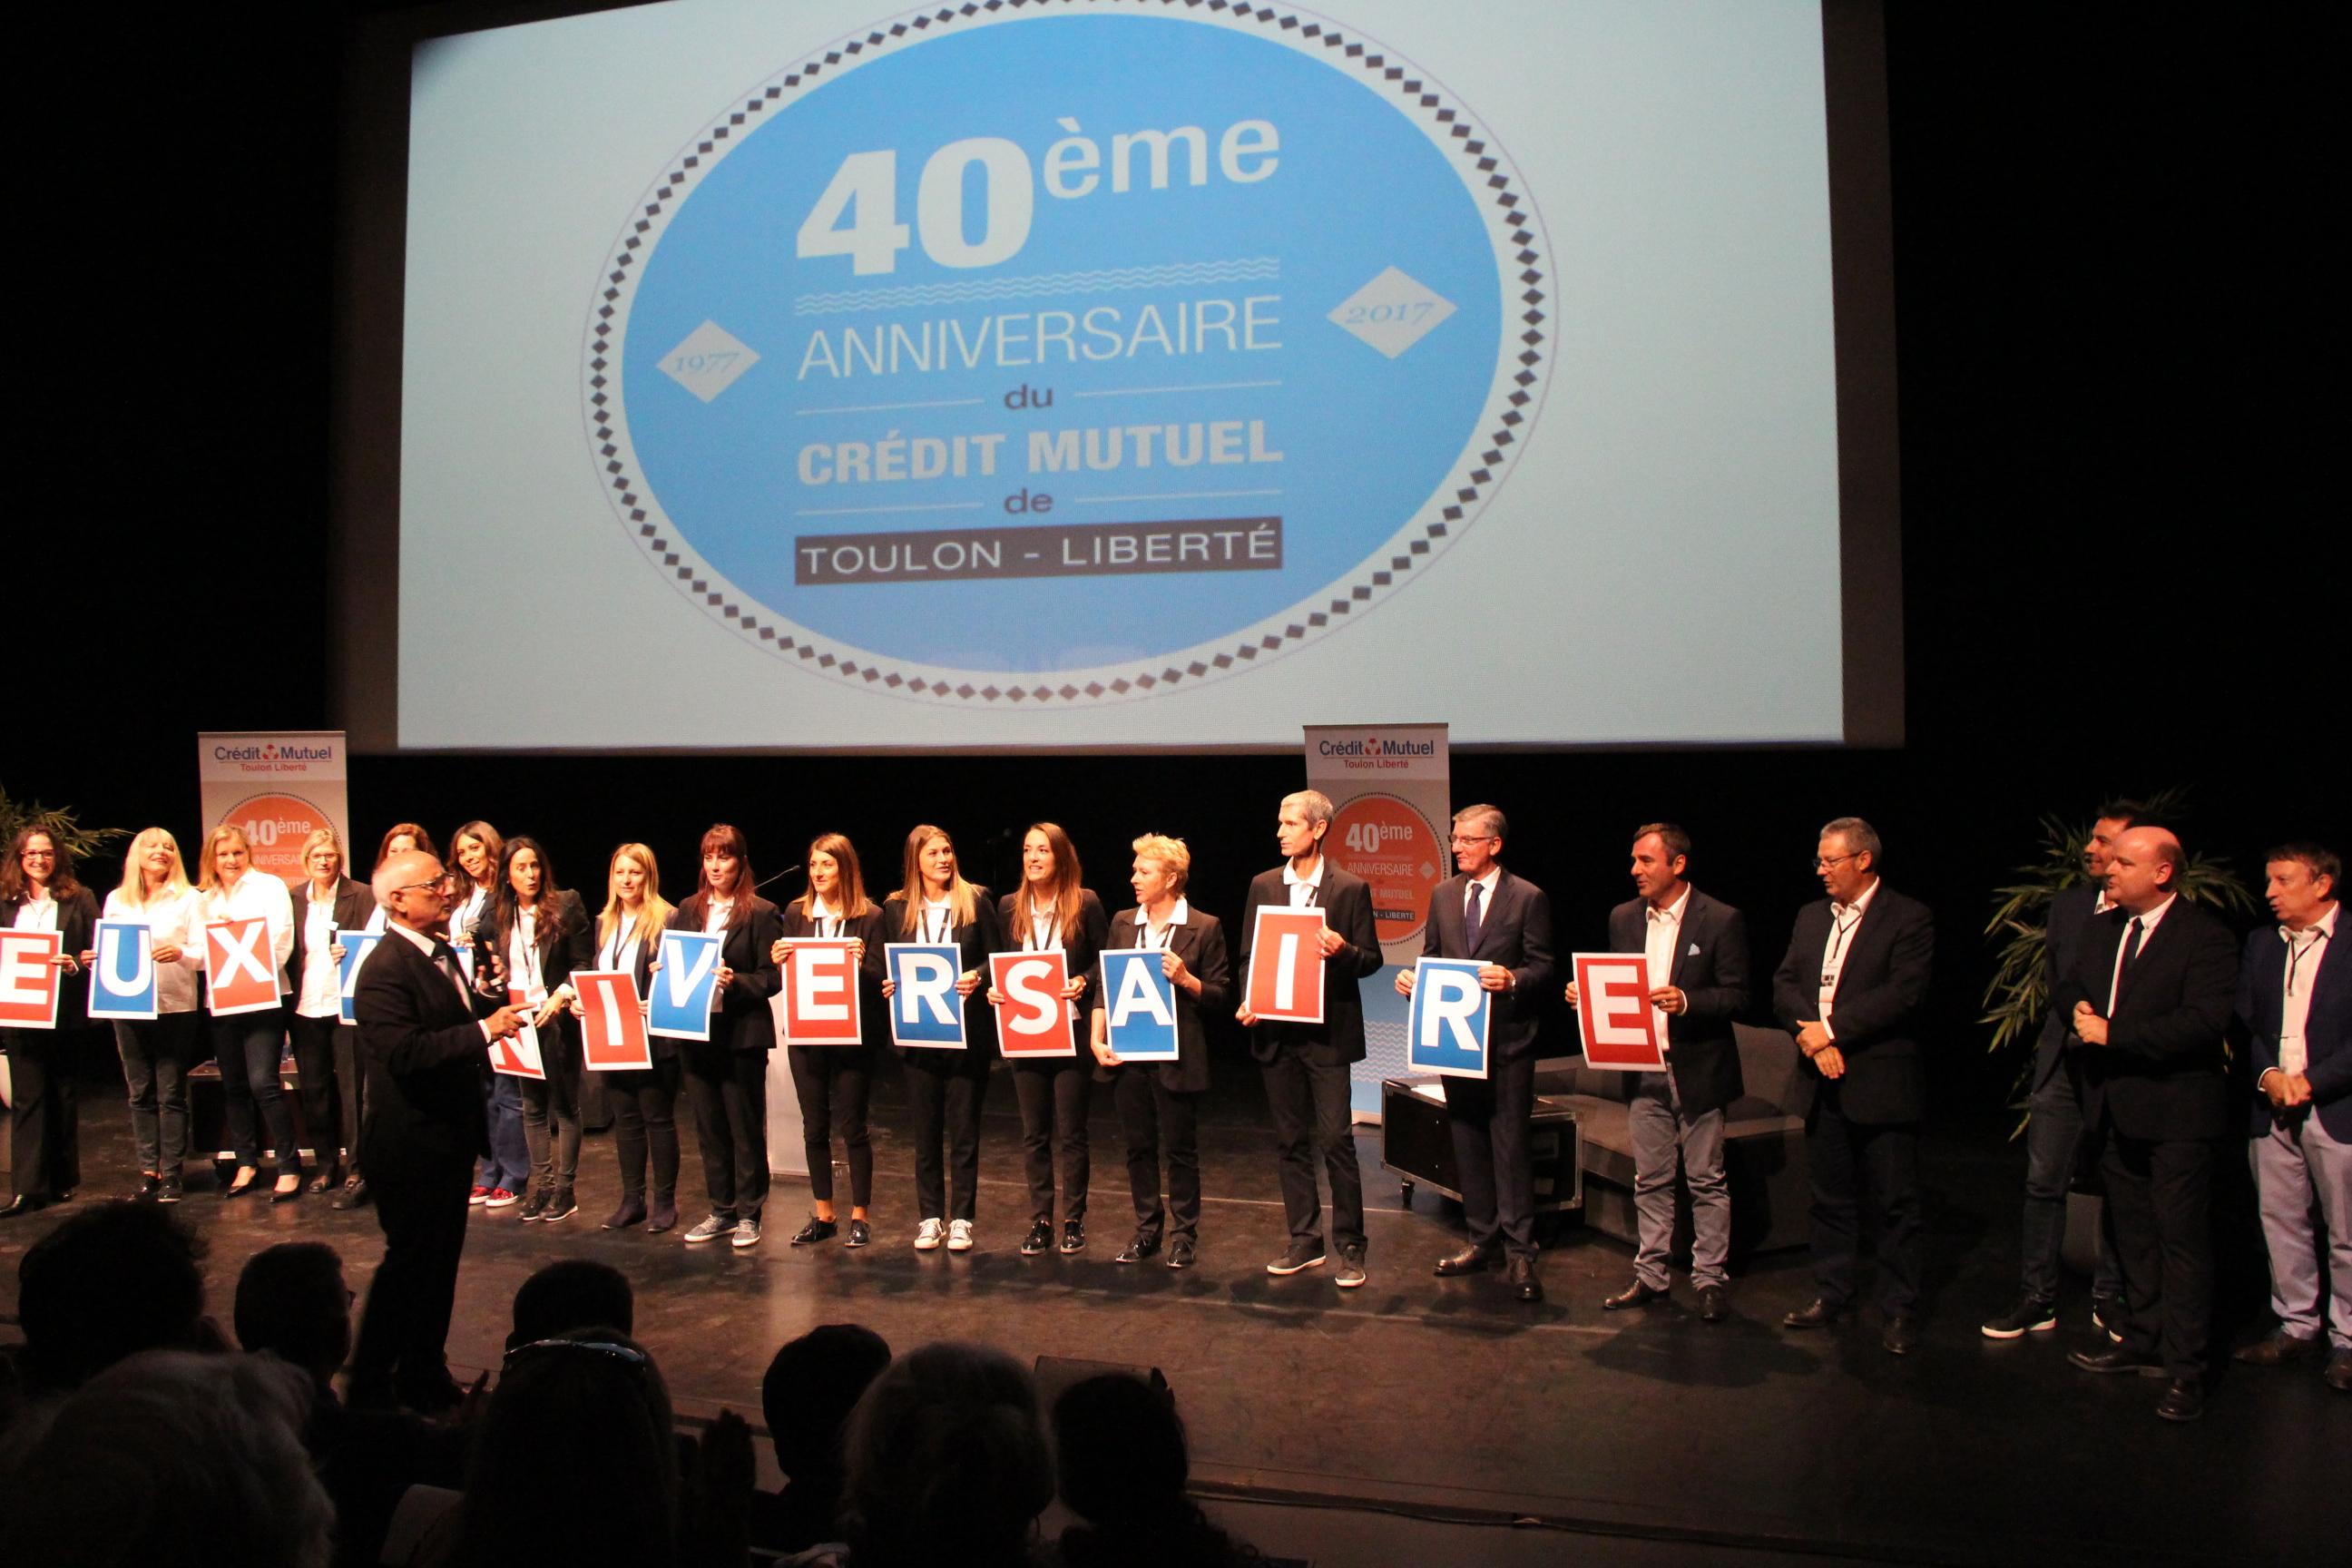 Crédit Mutuel Toulon Liberté : un anniversaire réussi pour ses 40 ans